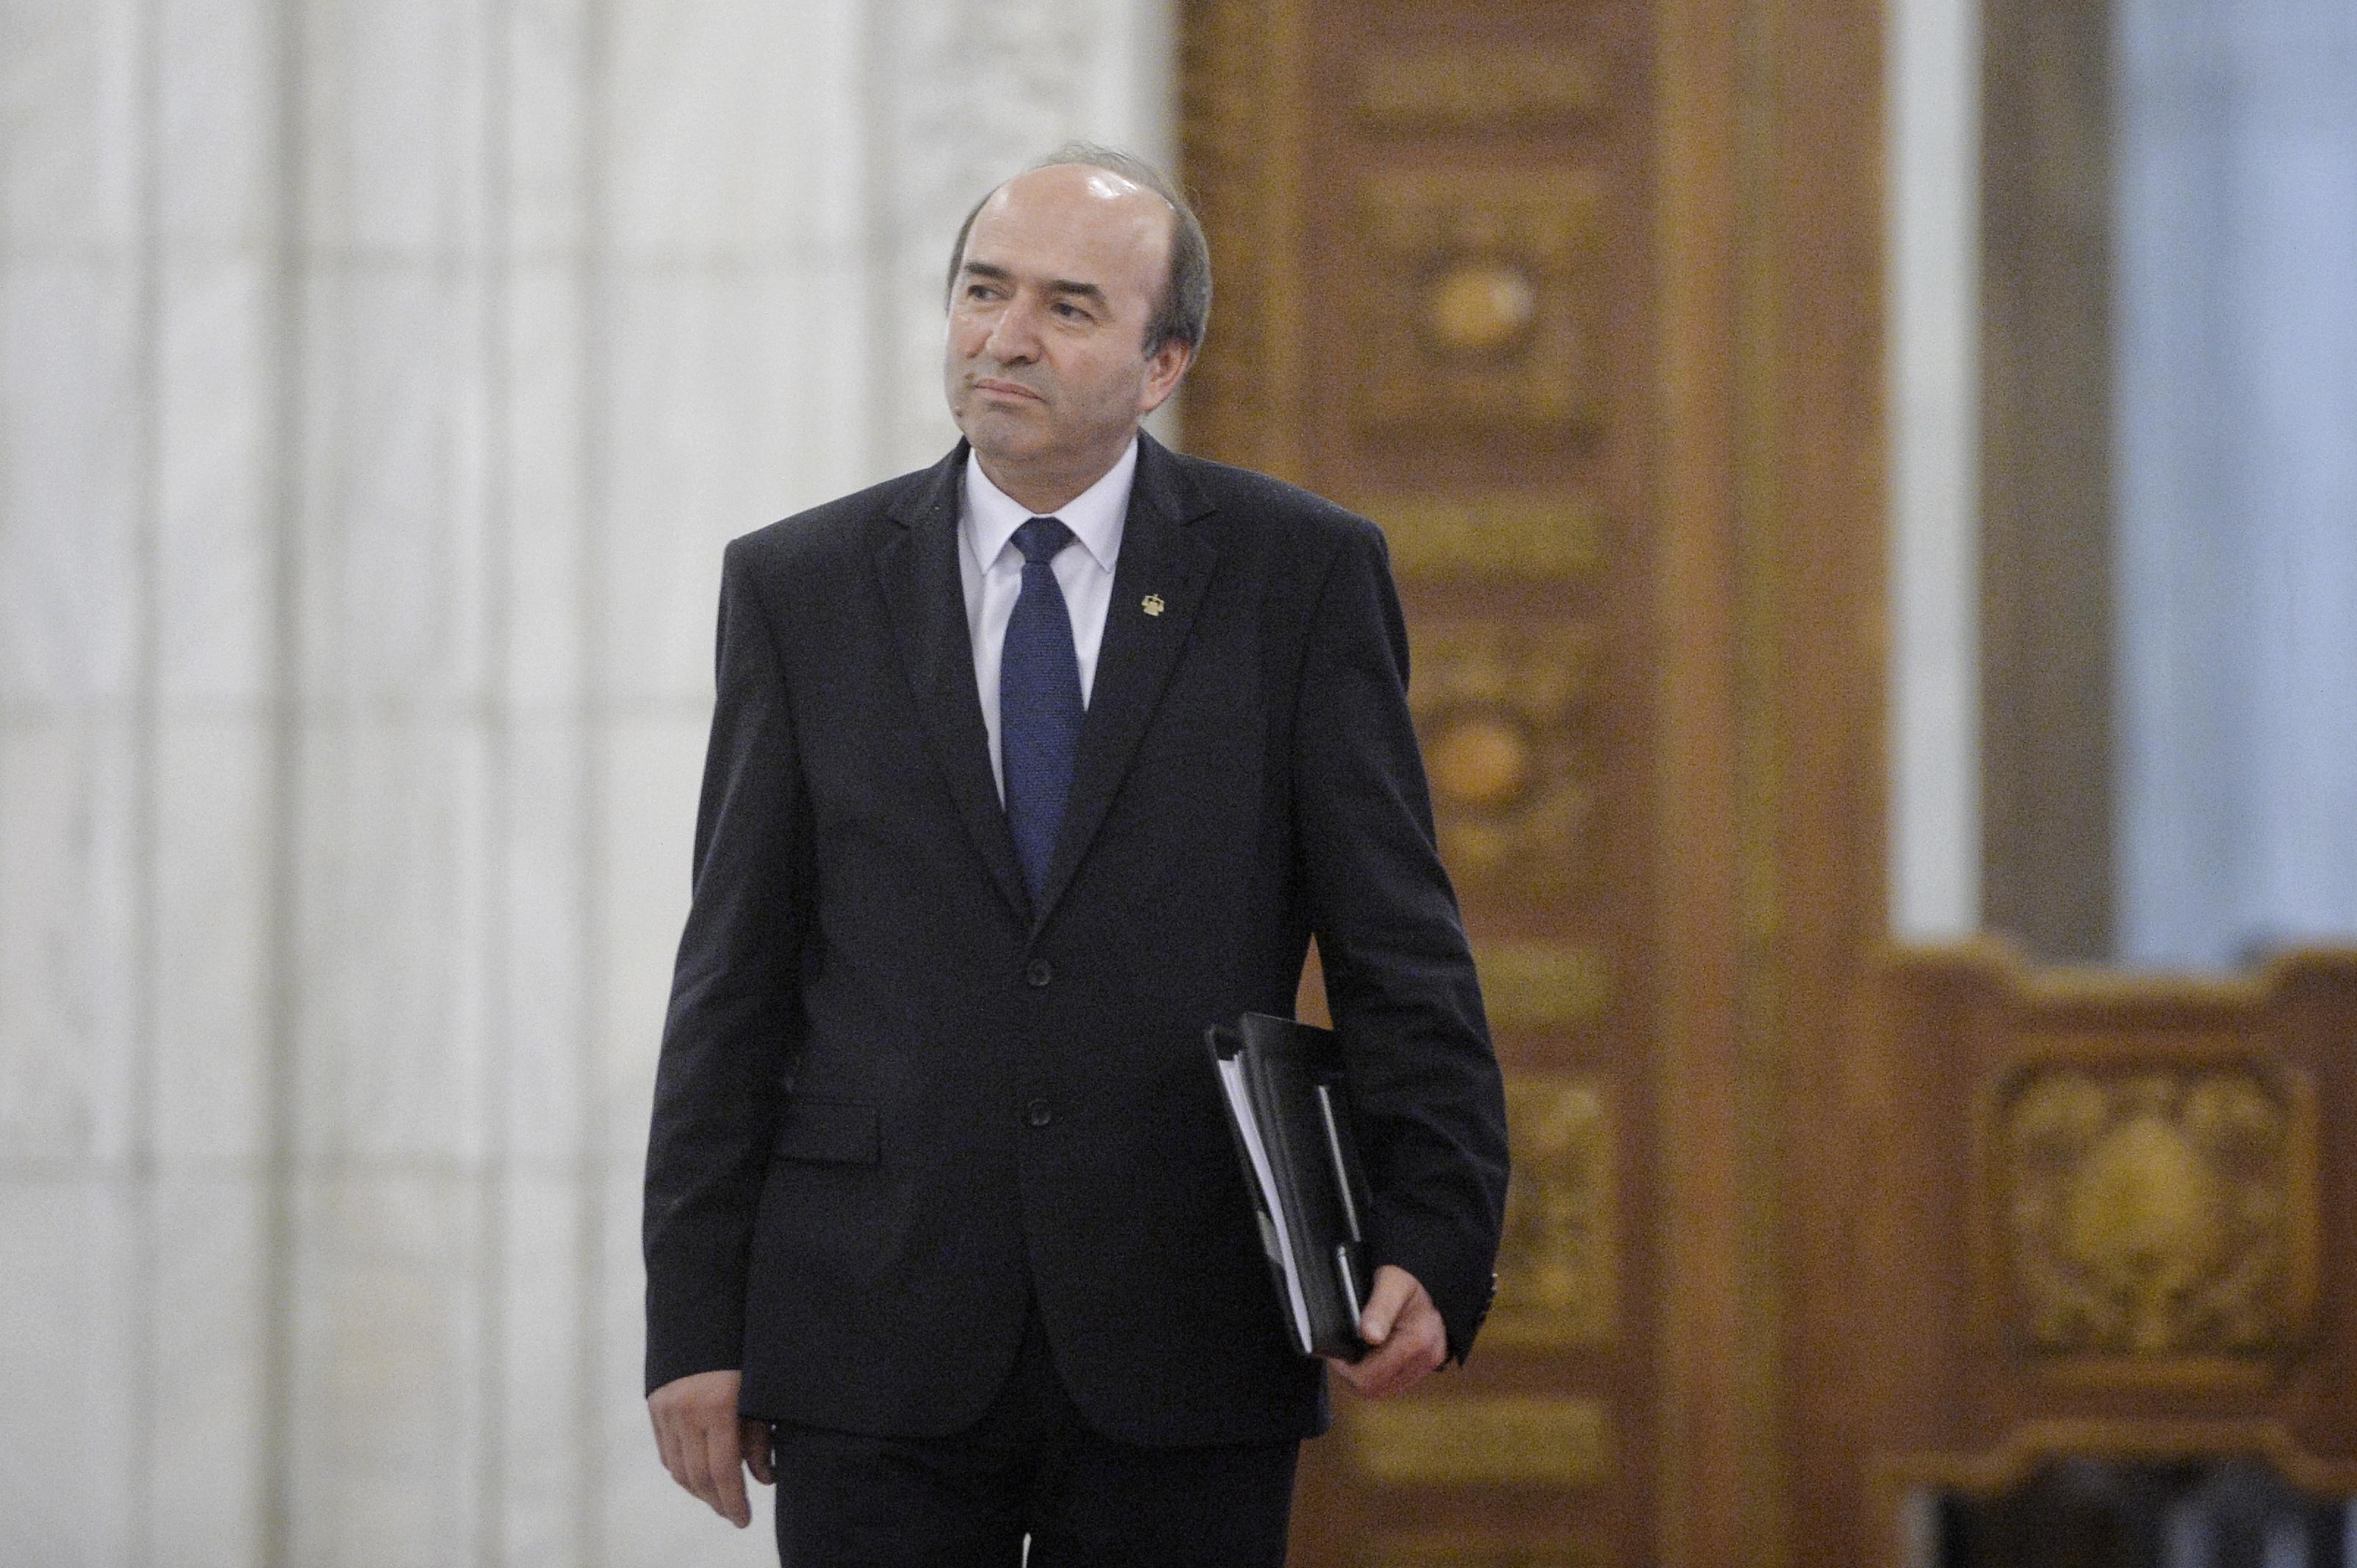 Ministrul Tudorel Toader, despre declaraţiile ambasadorului SUA la Bucureşti: Mă gândesc ca procurorul general să fie propus de Senat, ca în SUA, să tindem şi noi spre acelaşi standard de democraţie